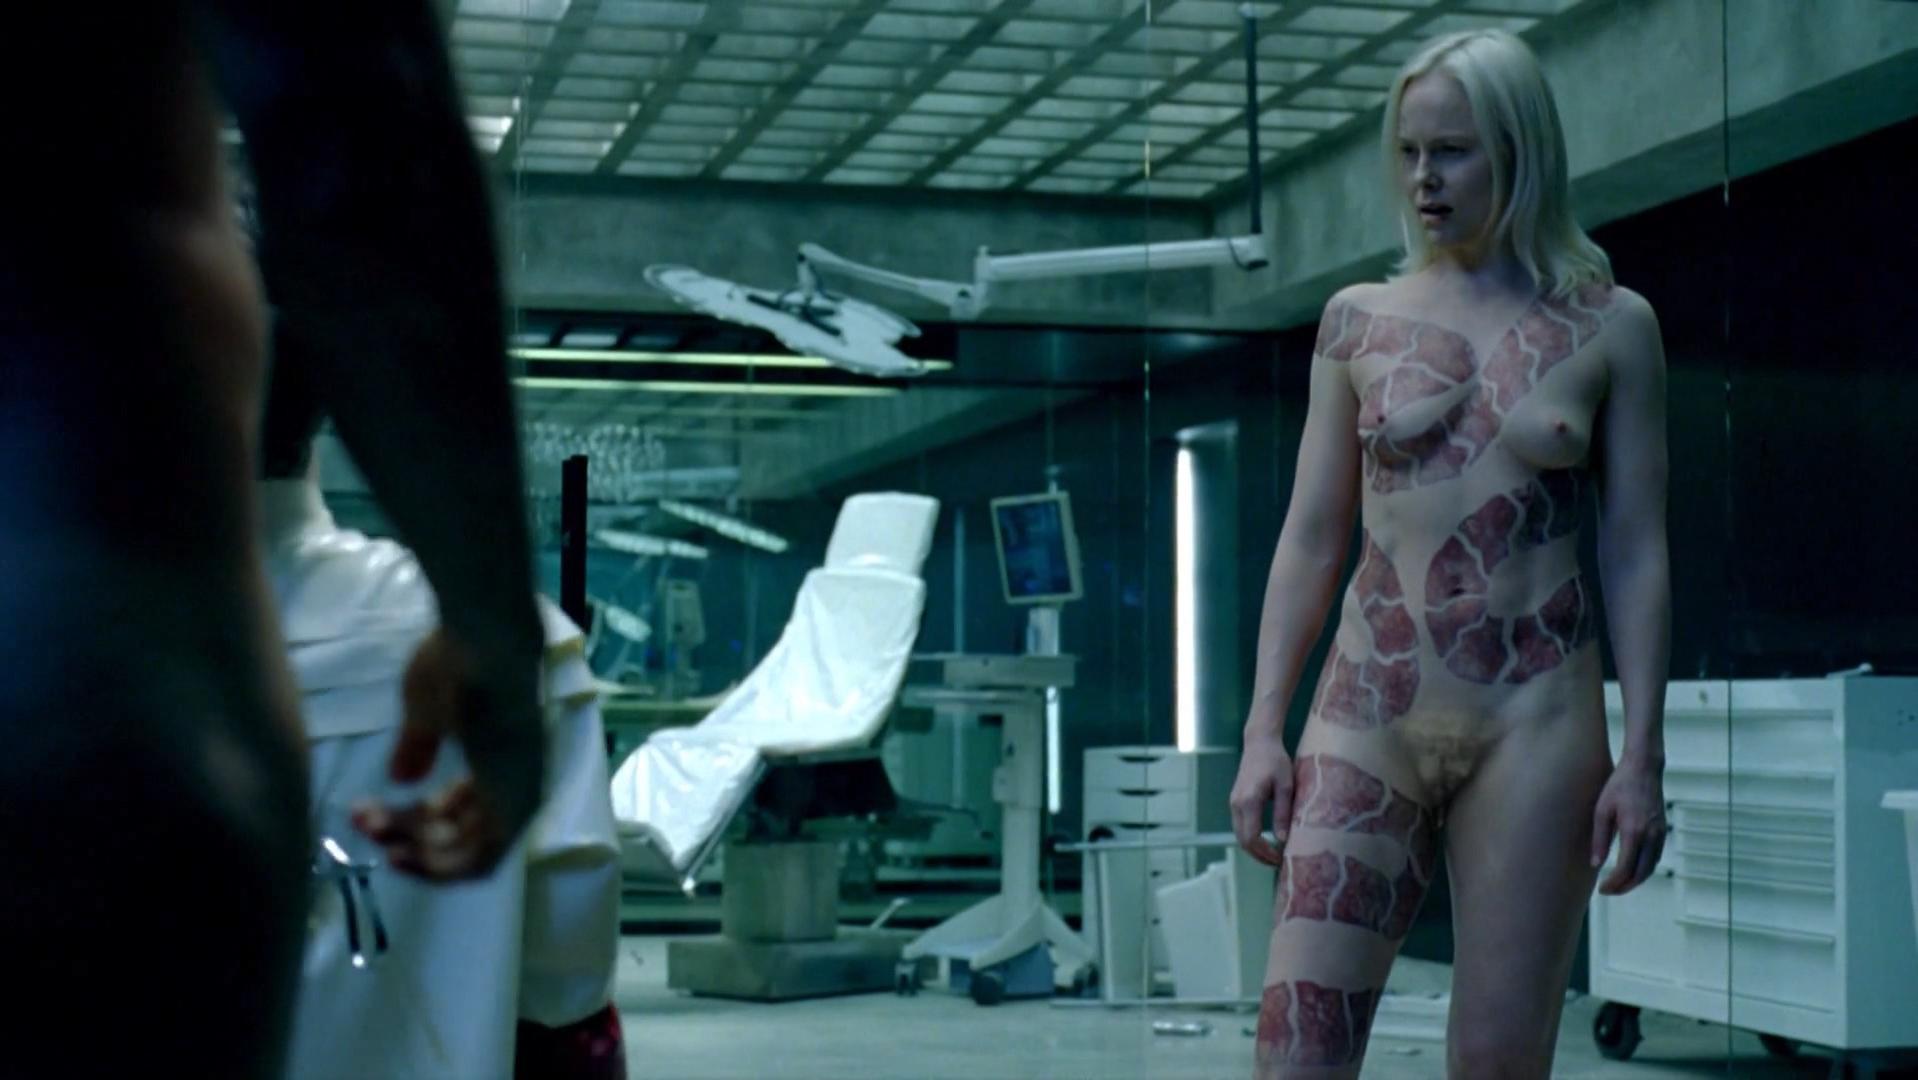 Ingrid Bolso Berdal nude - Westworld s01e10 (2016)